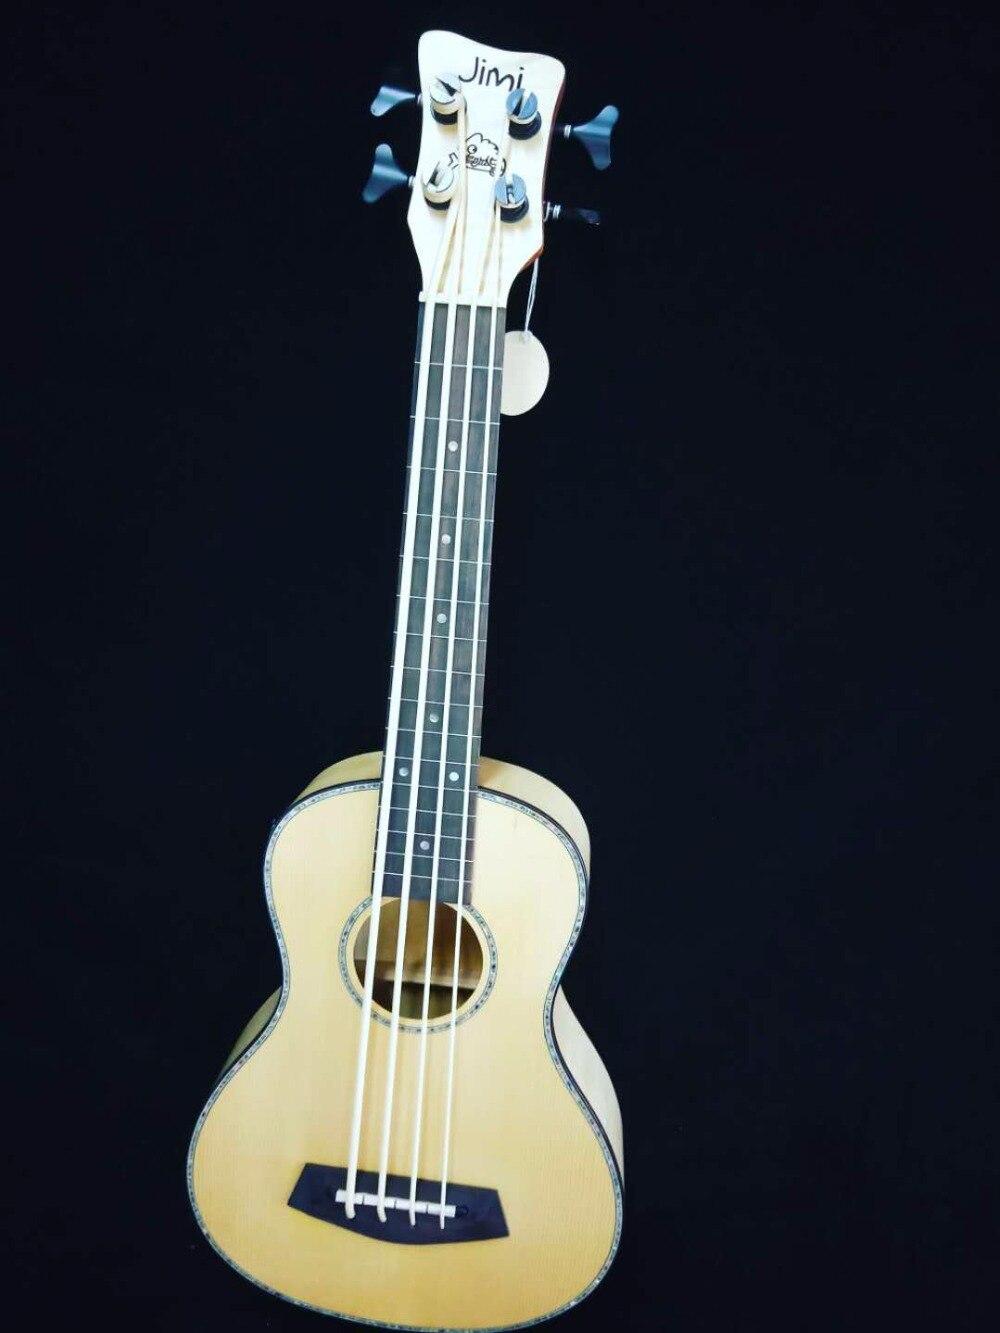 """Dependable 2018 New + Factory + 30 Inches Ukulele Bass Flame Maple Body 30"""" Size Jimi Ukulele Electric Bass Guitar Super Quality Ukelele"""